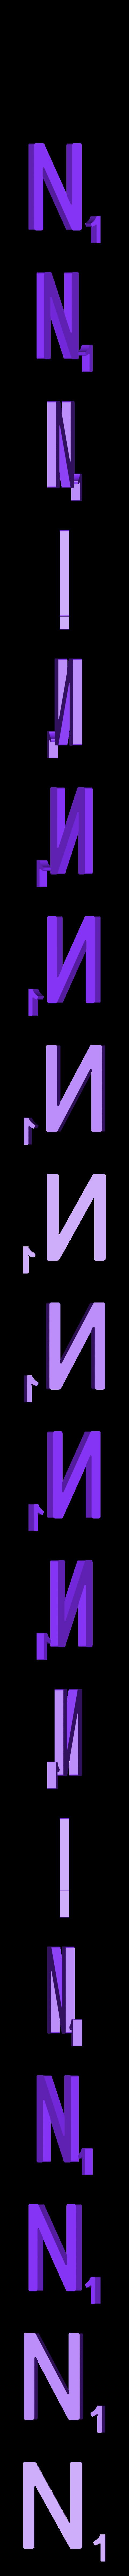 Dual_Letter_N.STL Télécharger fichier STL gratuit Pièces et support SCRABBBLE • Design pour imprimante 3D, Balkhagal4D